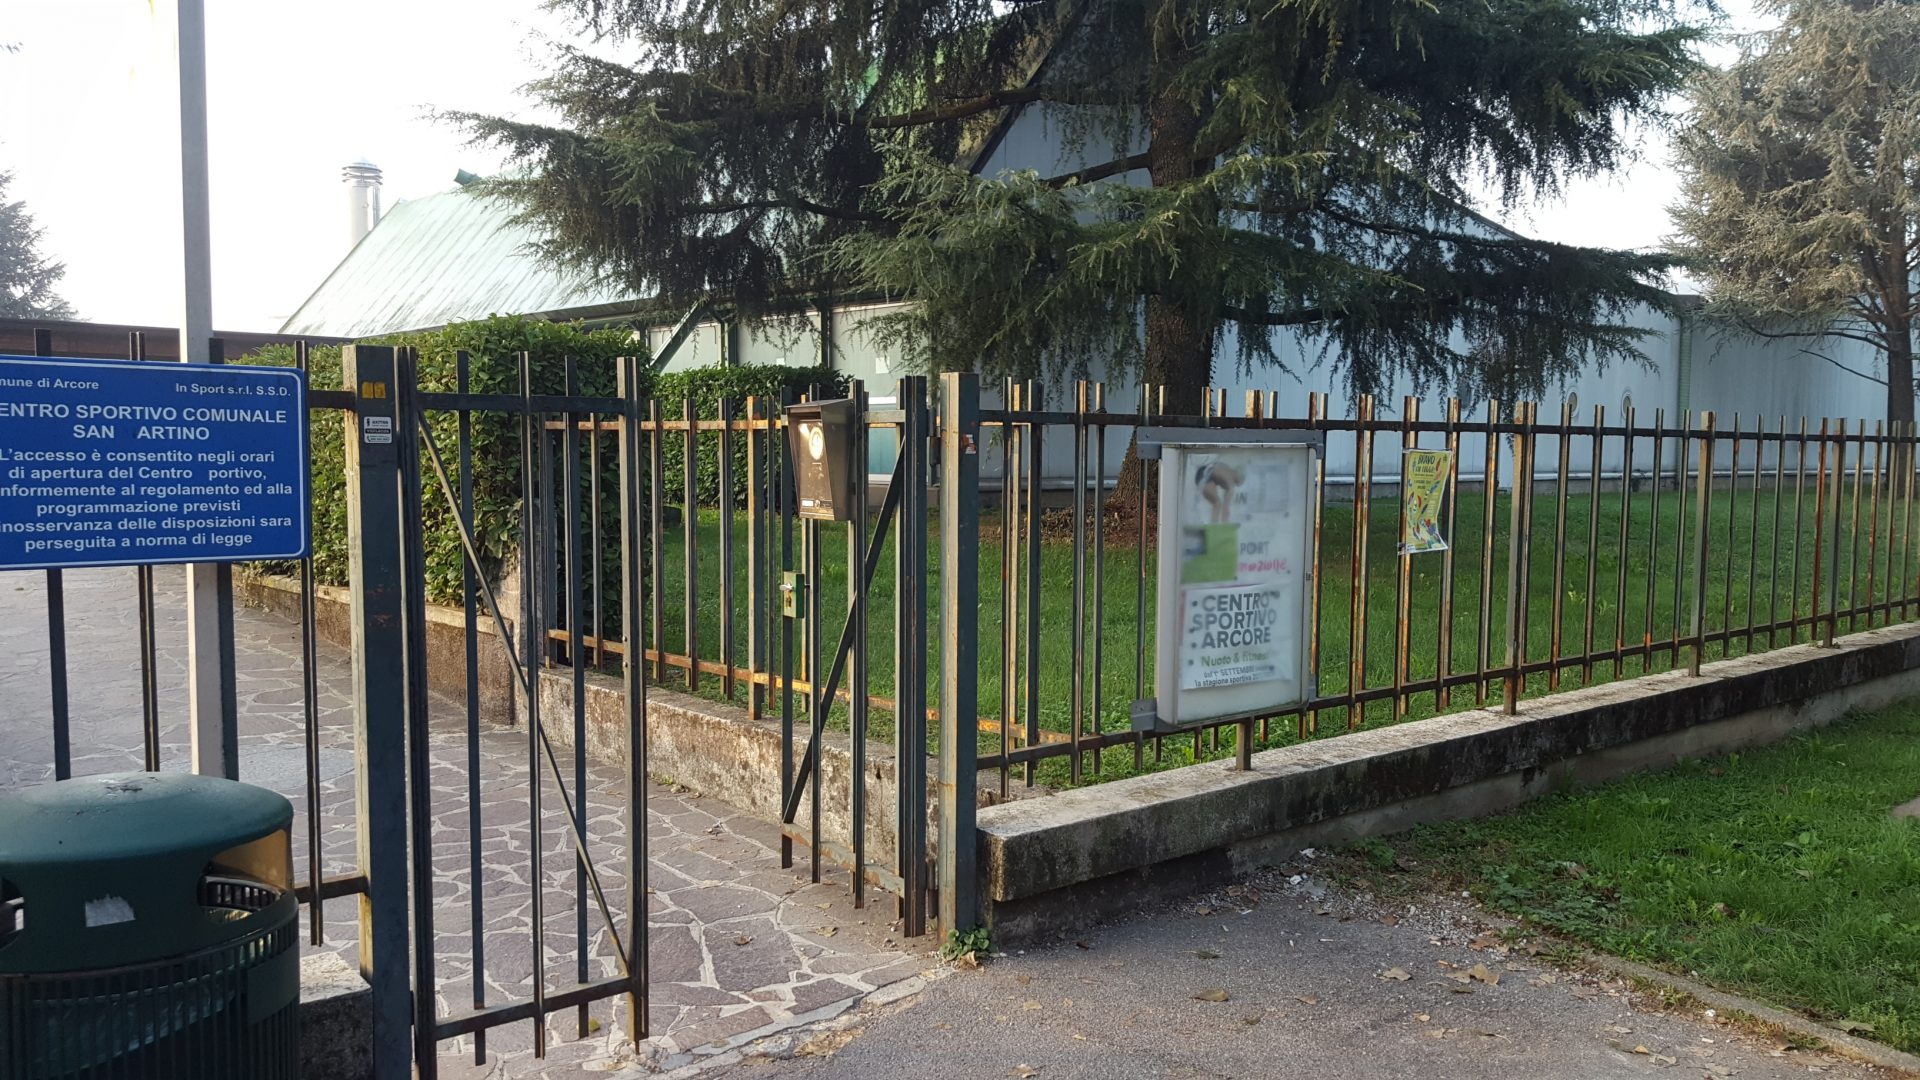 Arcore 75enne accusa un malore in piscina giornale di monza for Piscina arcore